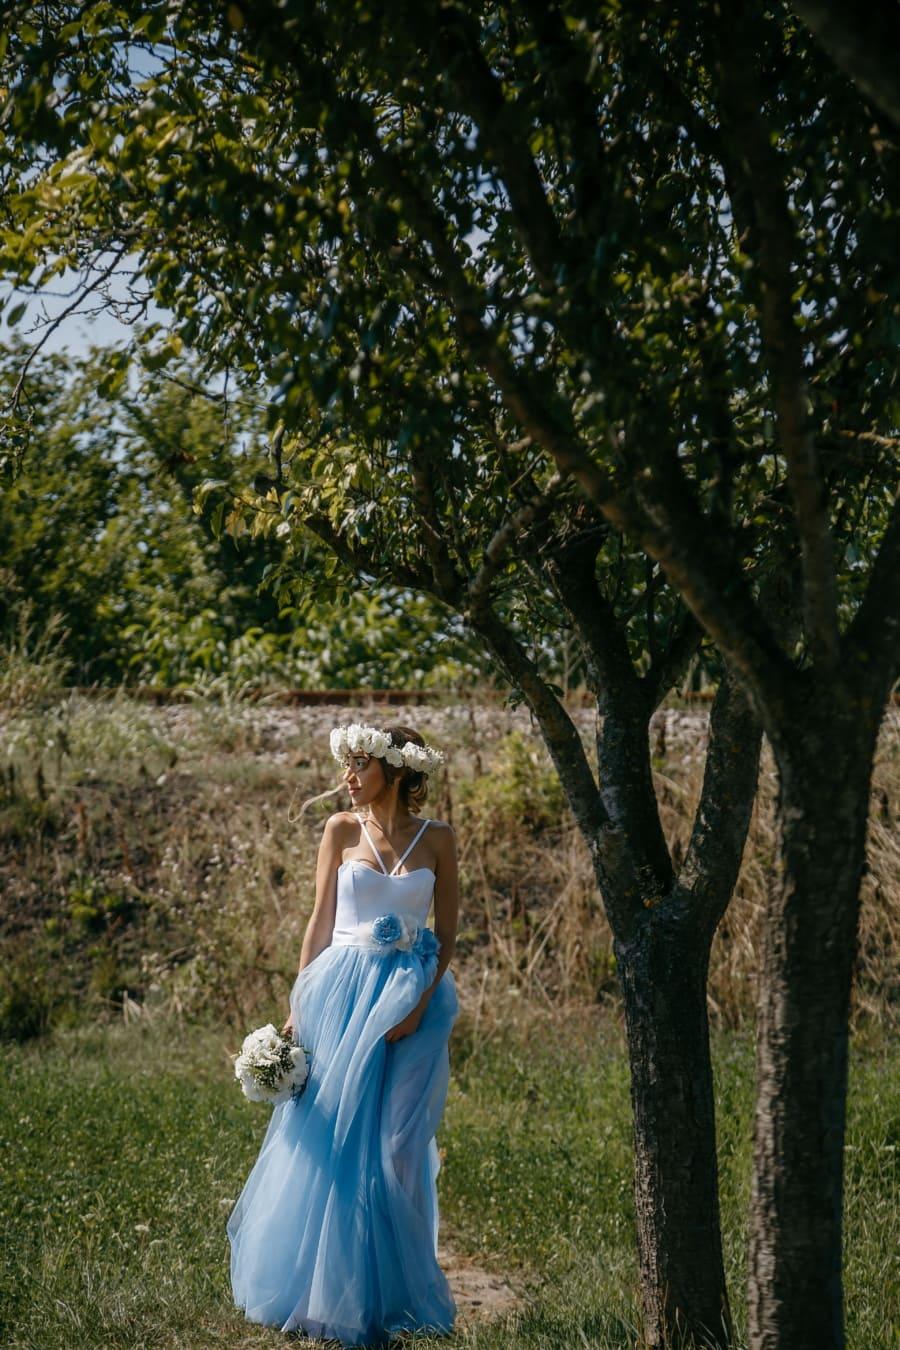 Göttin, Griechenland, hübsches mädchen, Obstgarten, Natur, herrlich, Struktur, Mädchen, Kleid, Frau